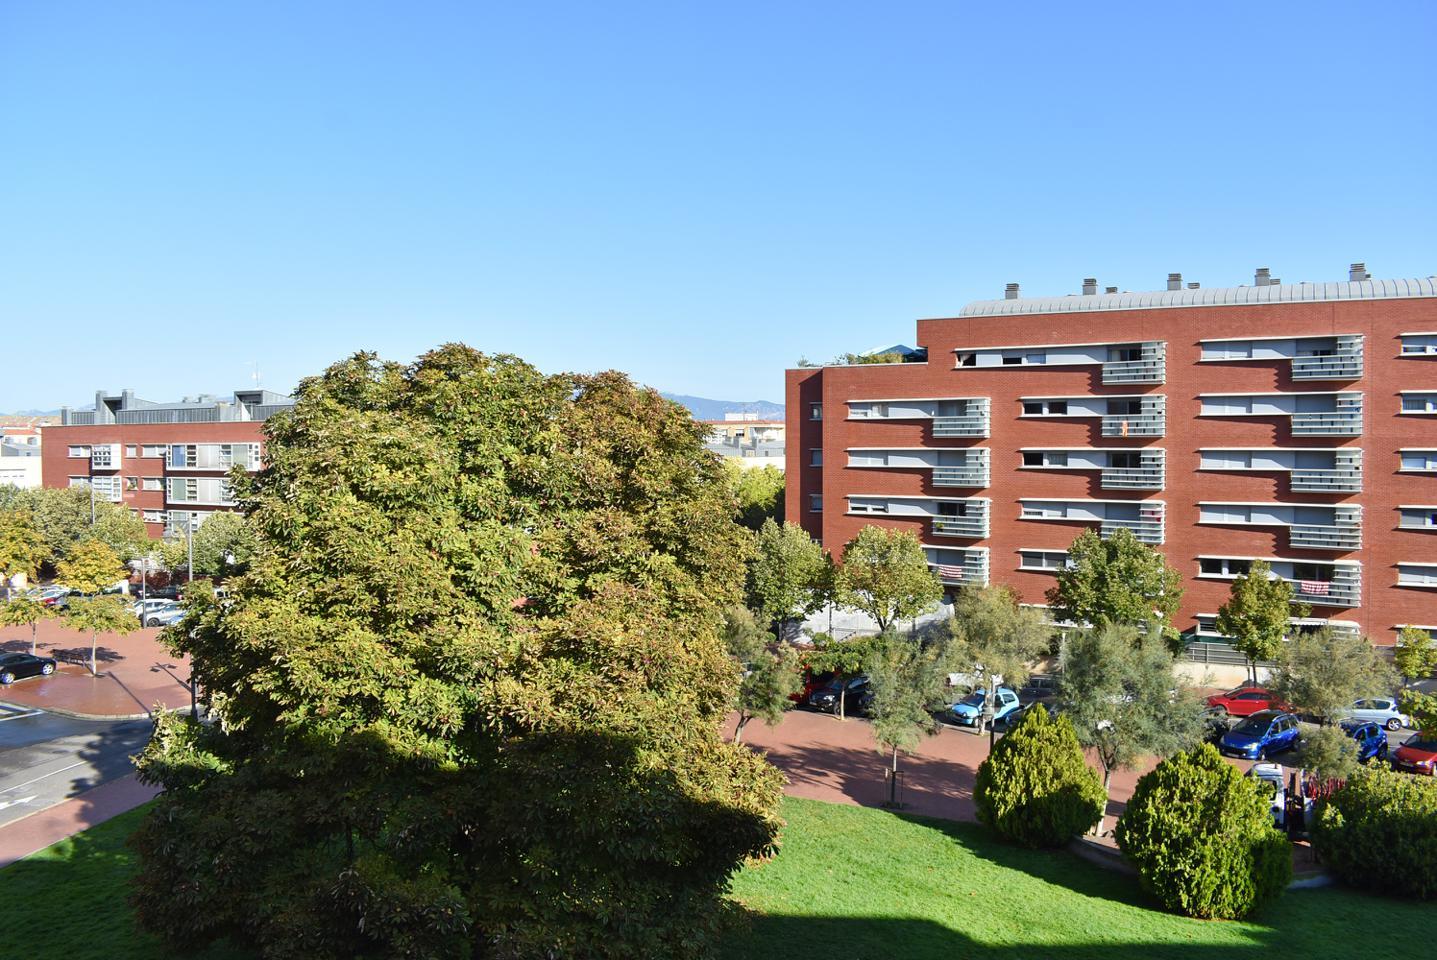 Piso en venta en Logroño de 102 m2. Ref: P05279